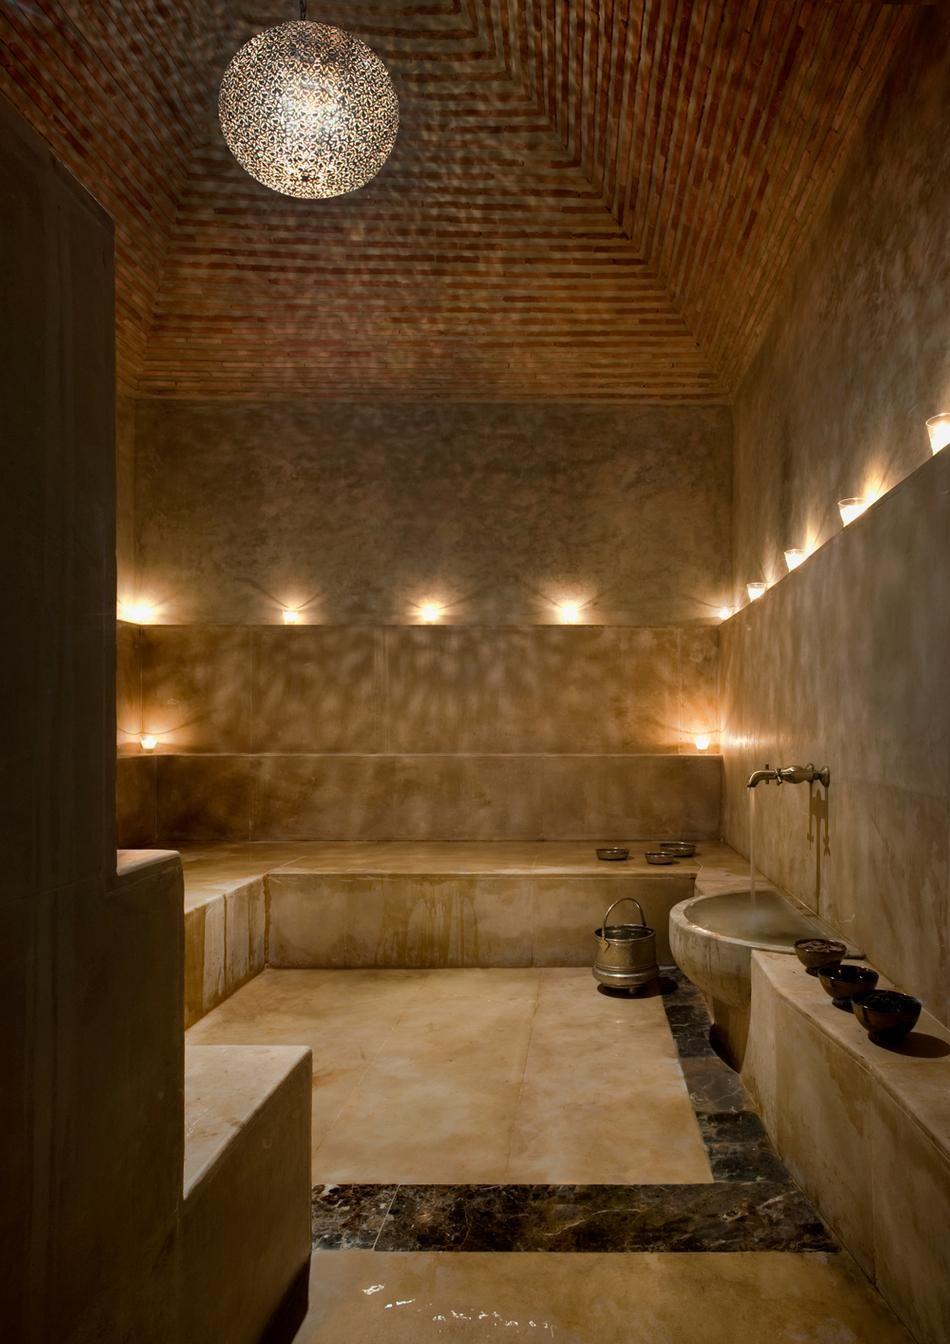 Ferienhaus innenarchitektur hammam  spa  pinterest  bad badezimmer und sauna